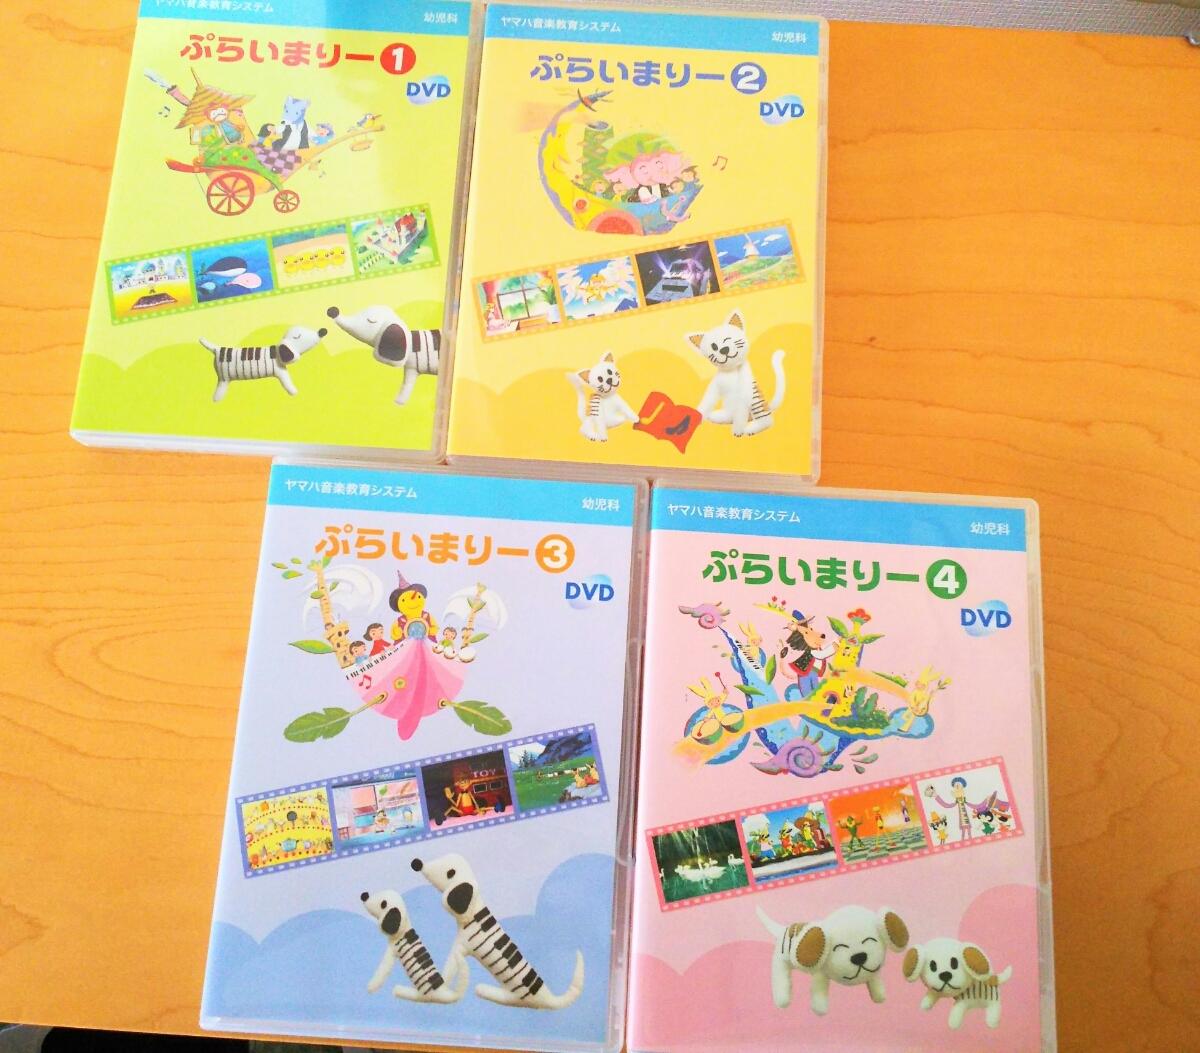 ヤマハ 音楽教育システム 幼児科 ぷらいまりー② DVD_画像3